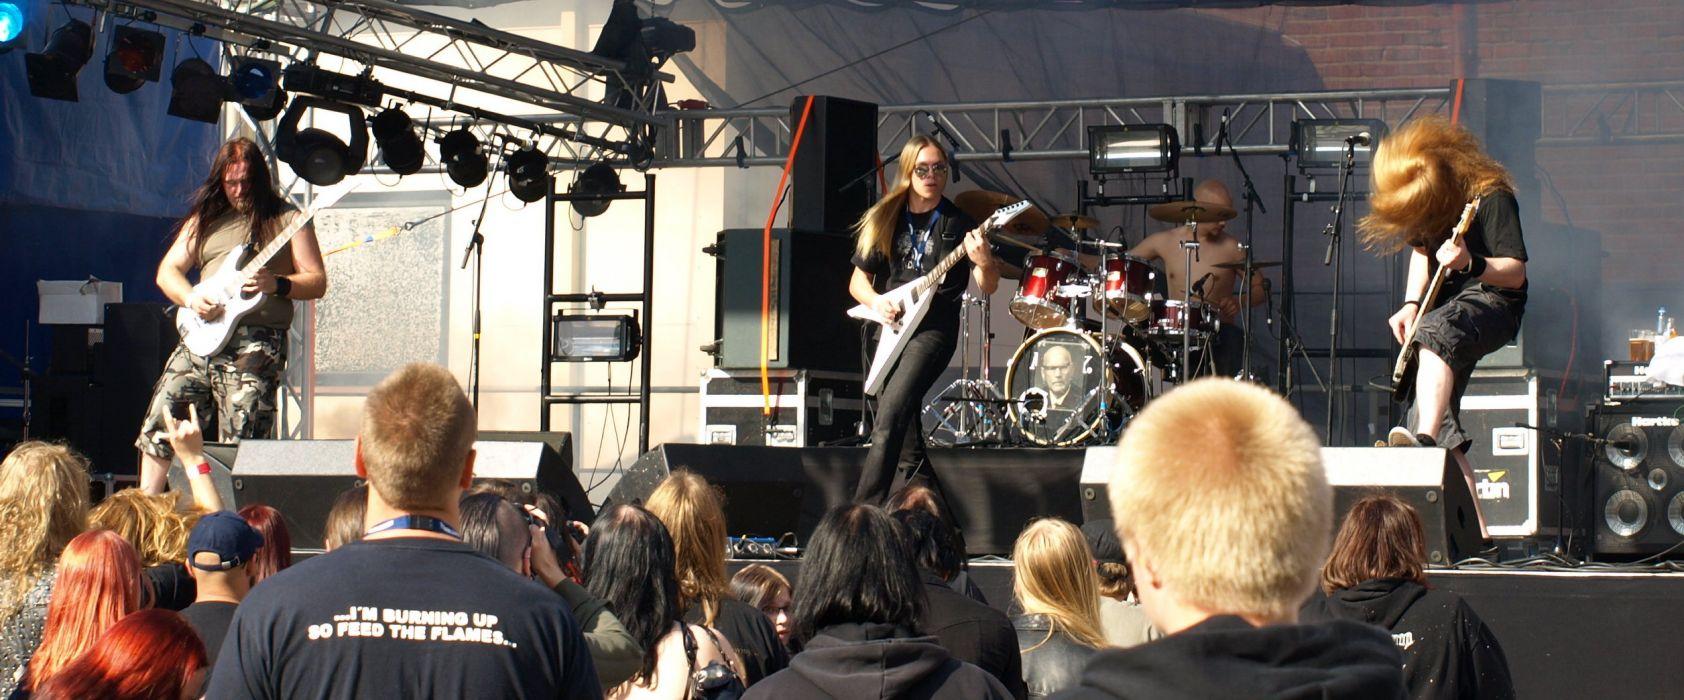 Heavy Metal Perse concert guitar    d wallpaper